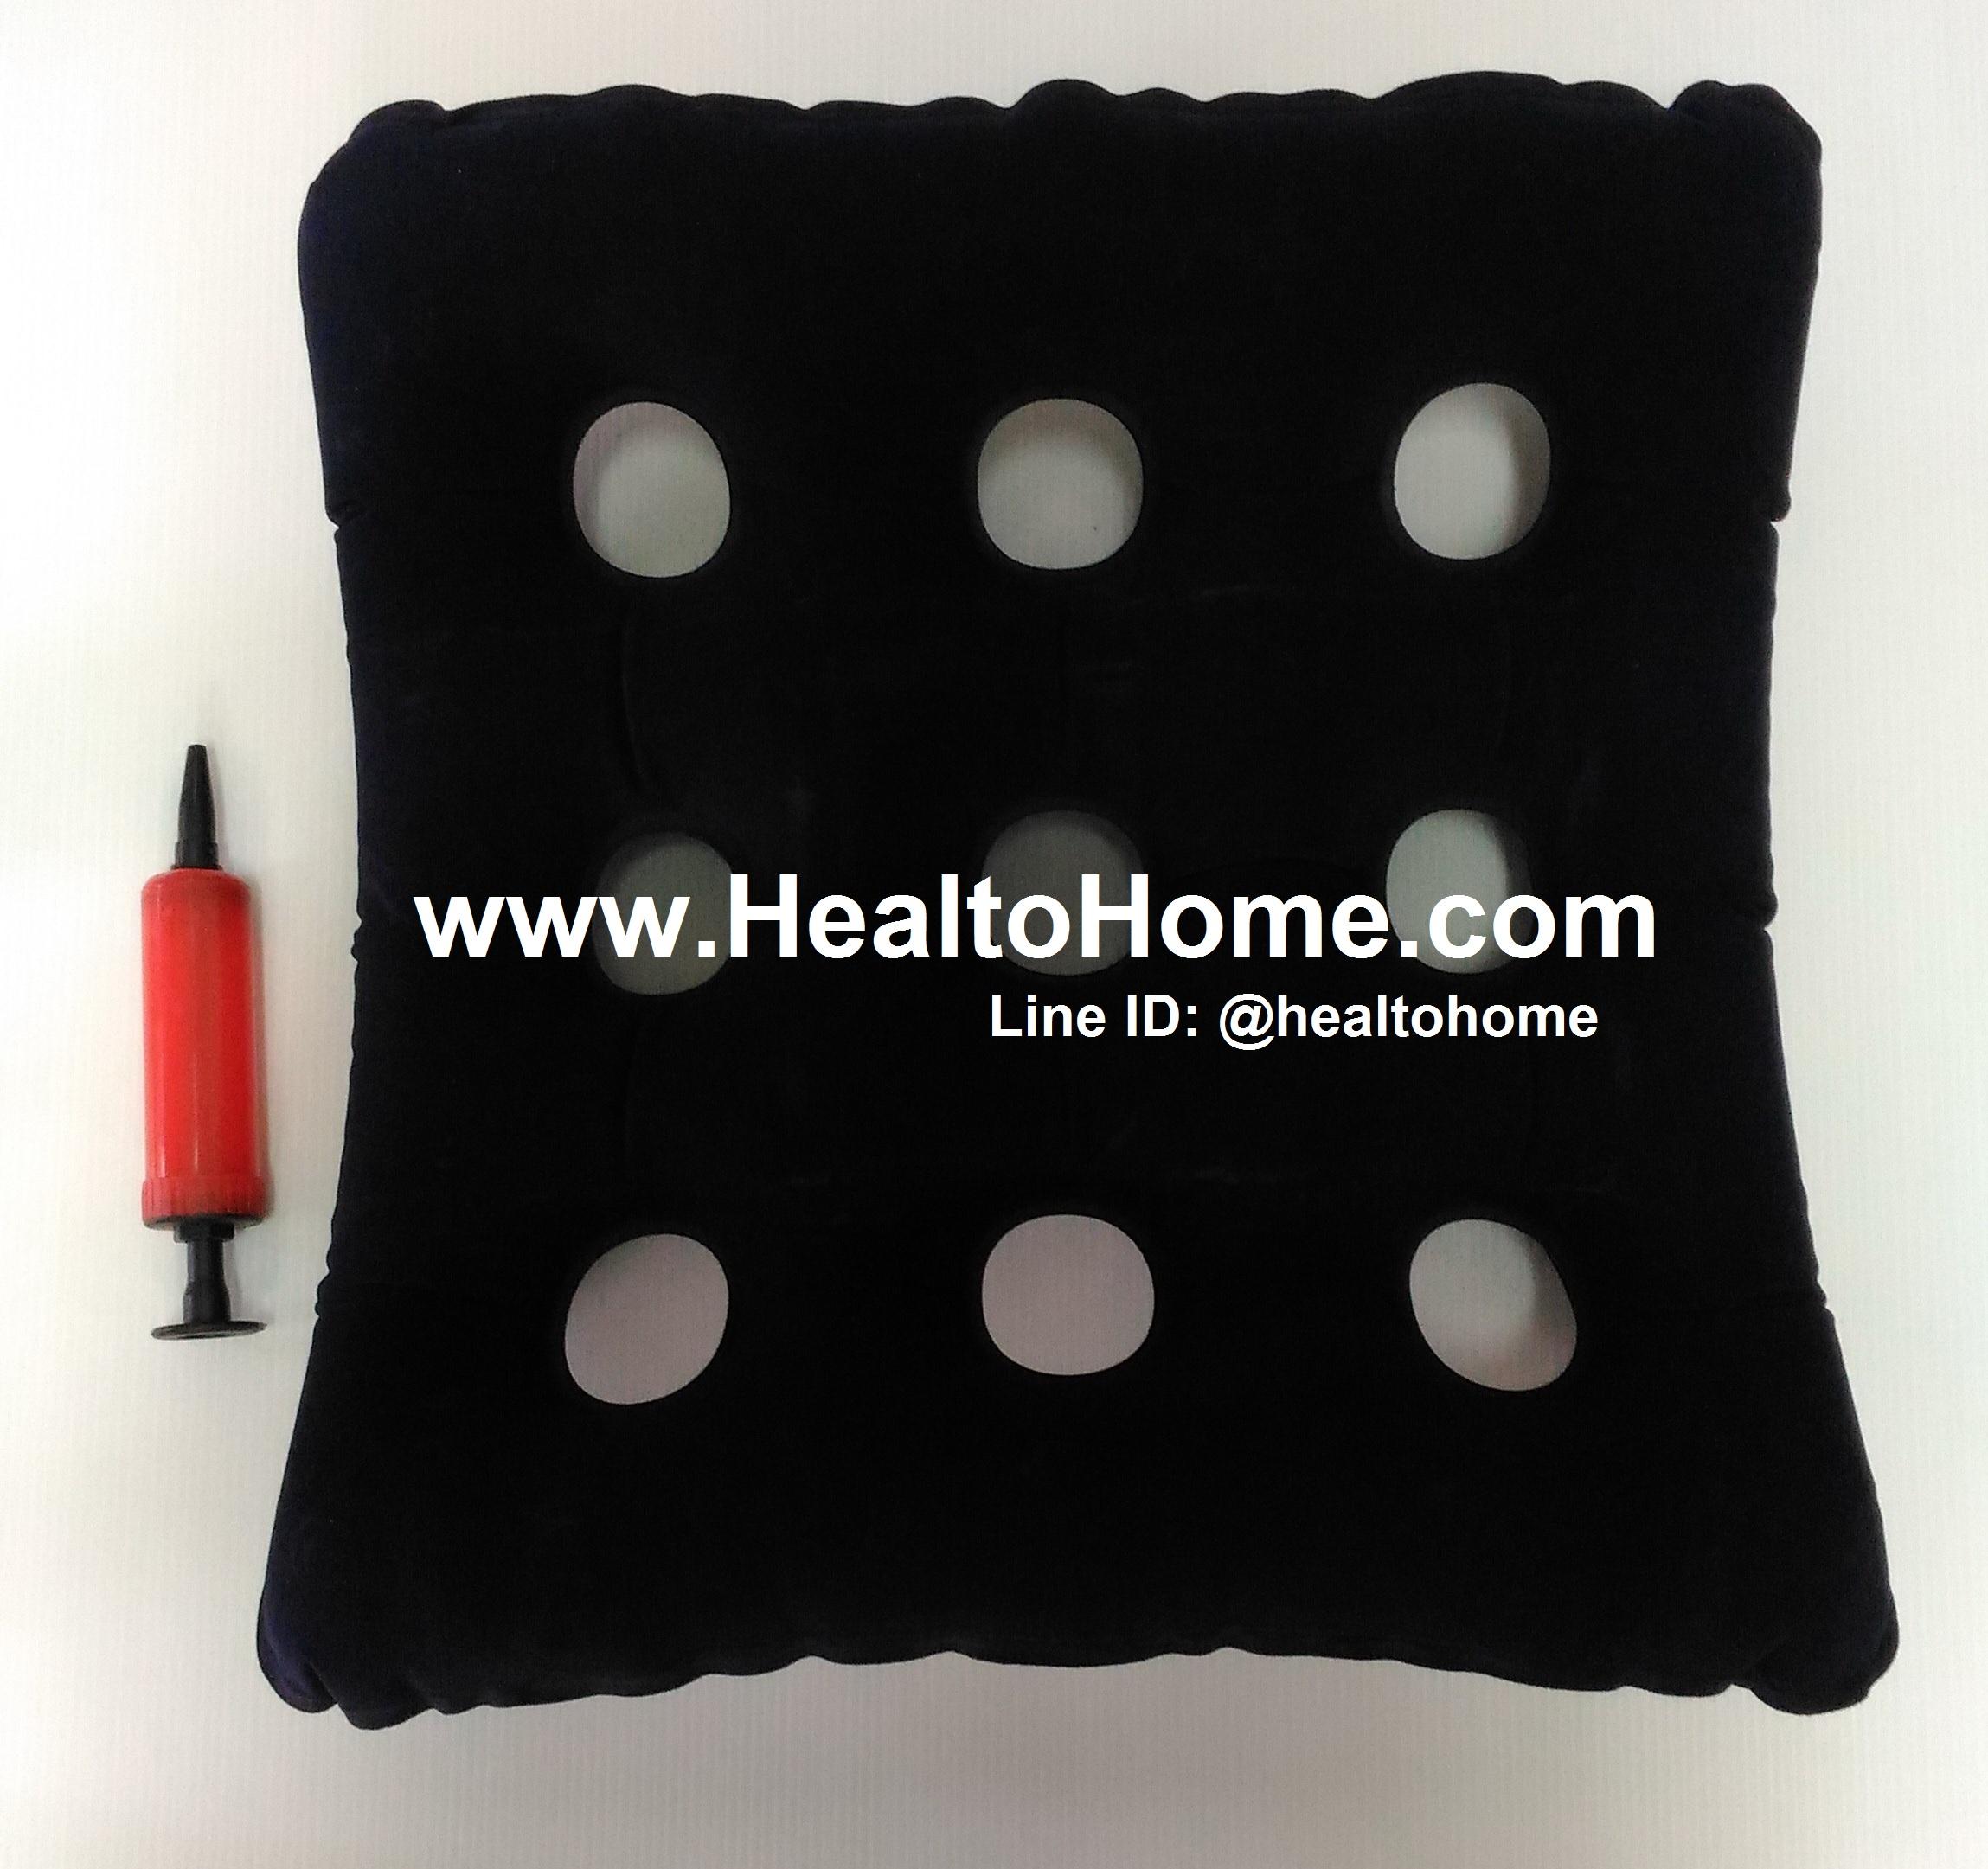 BS02 เบาะลมรองนั่ง แบบรู กำมะหยี่ สีกรมท่า (ส่งฟรี)